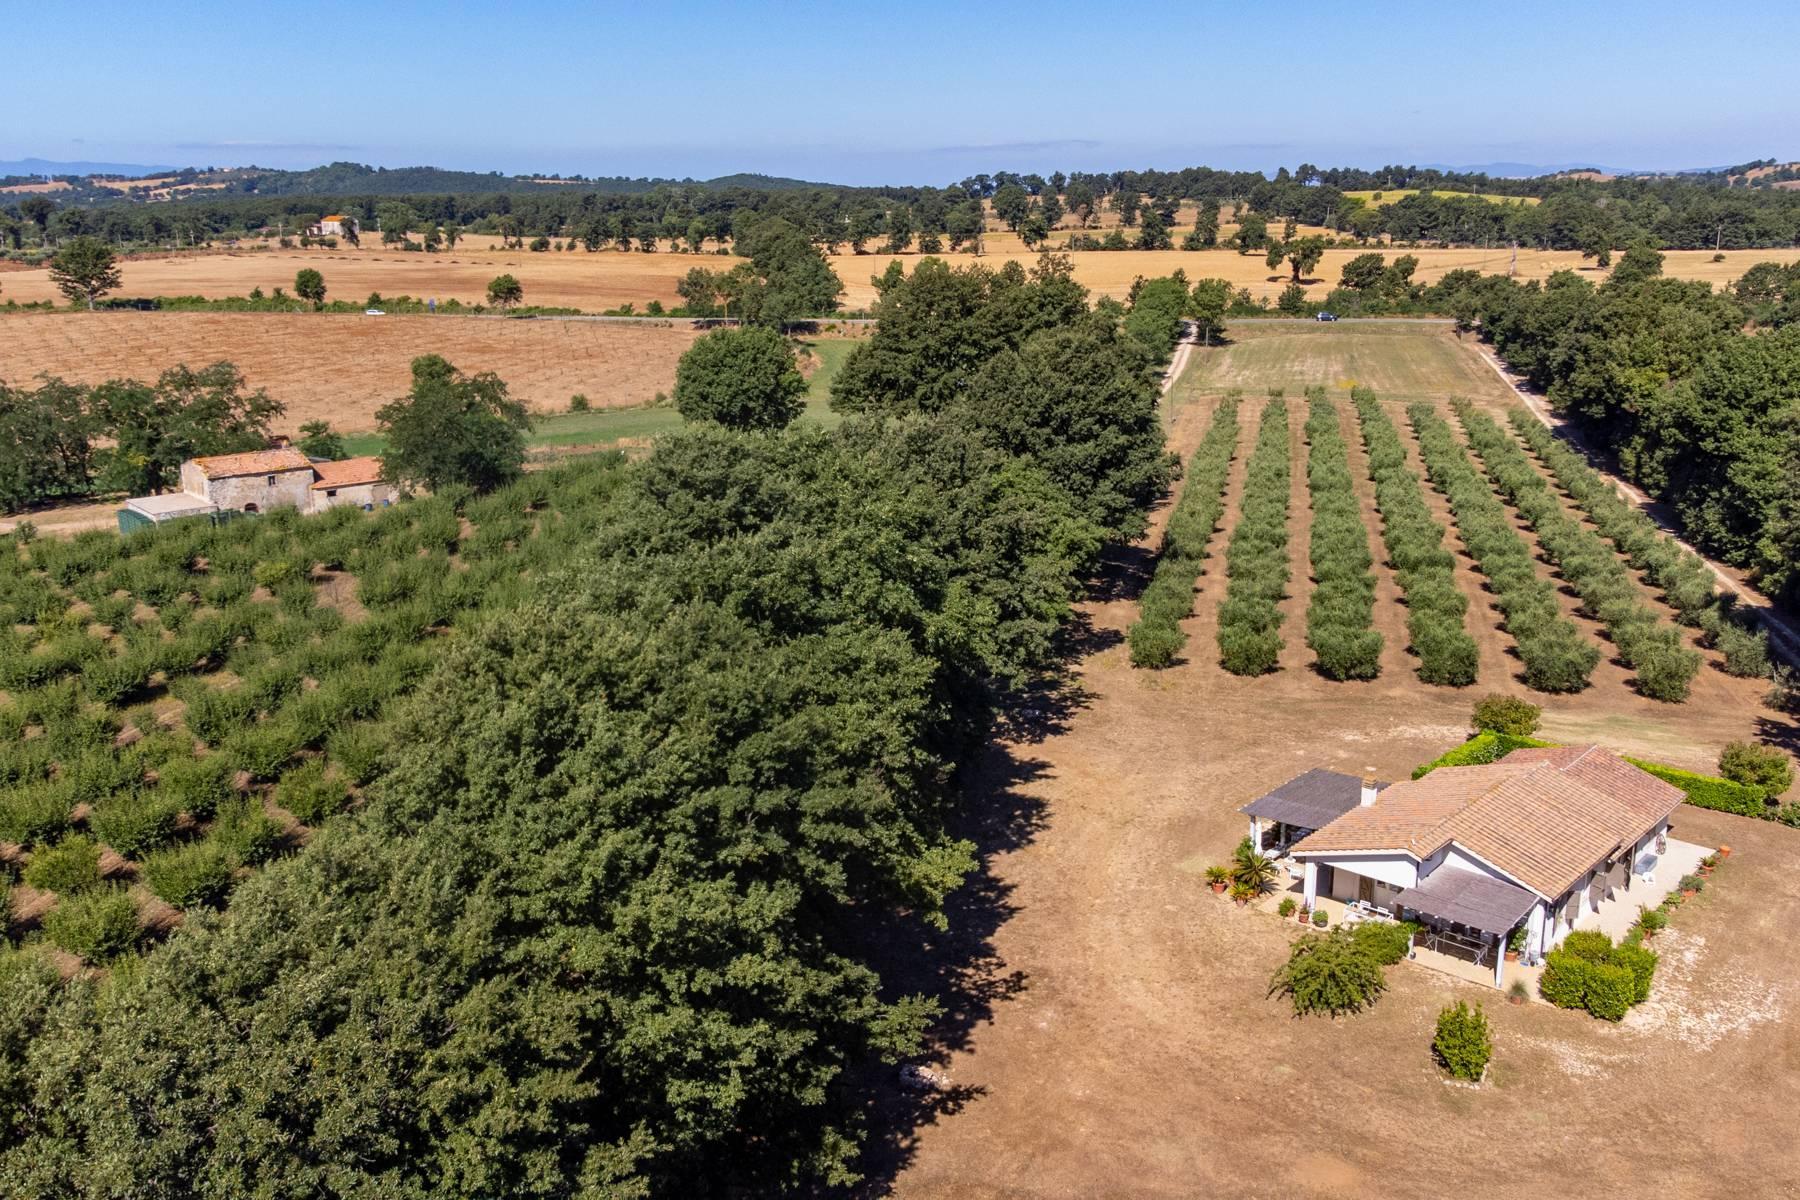 Wunderschönes Anwesen im Grünen, nur einen Steinwurf von Manciano entfernt - 3